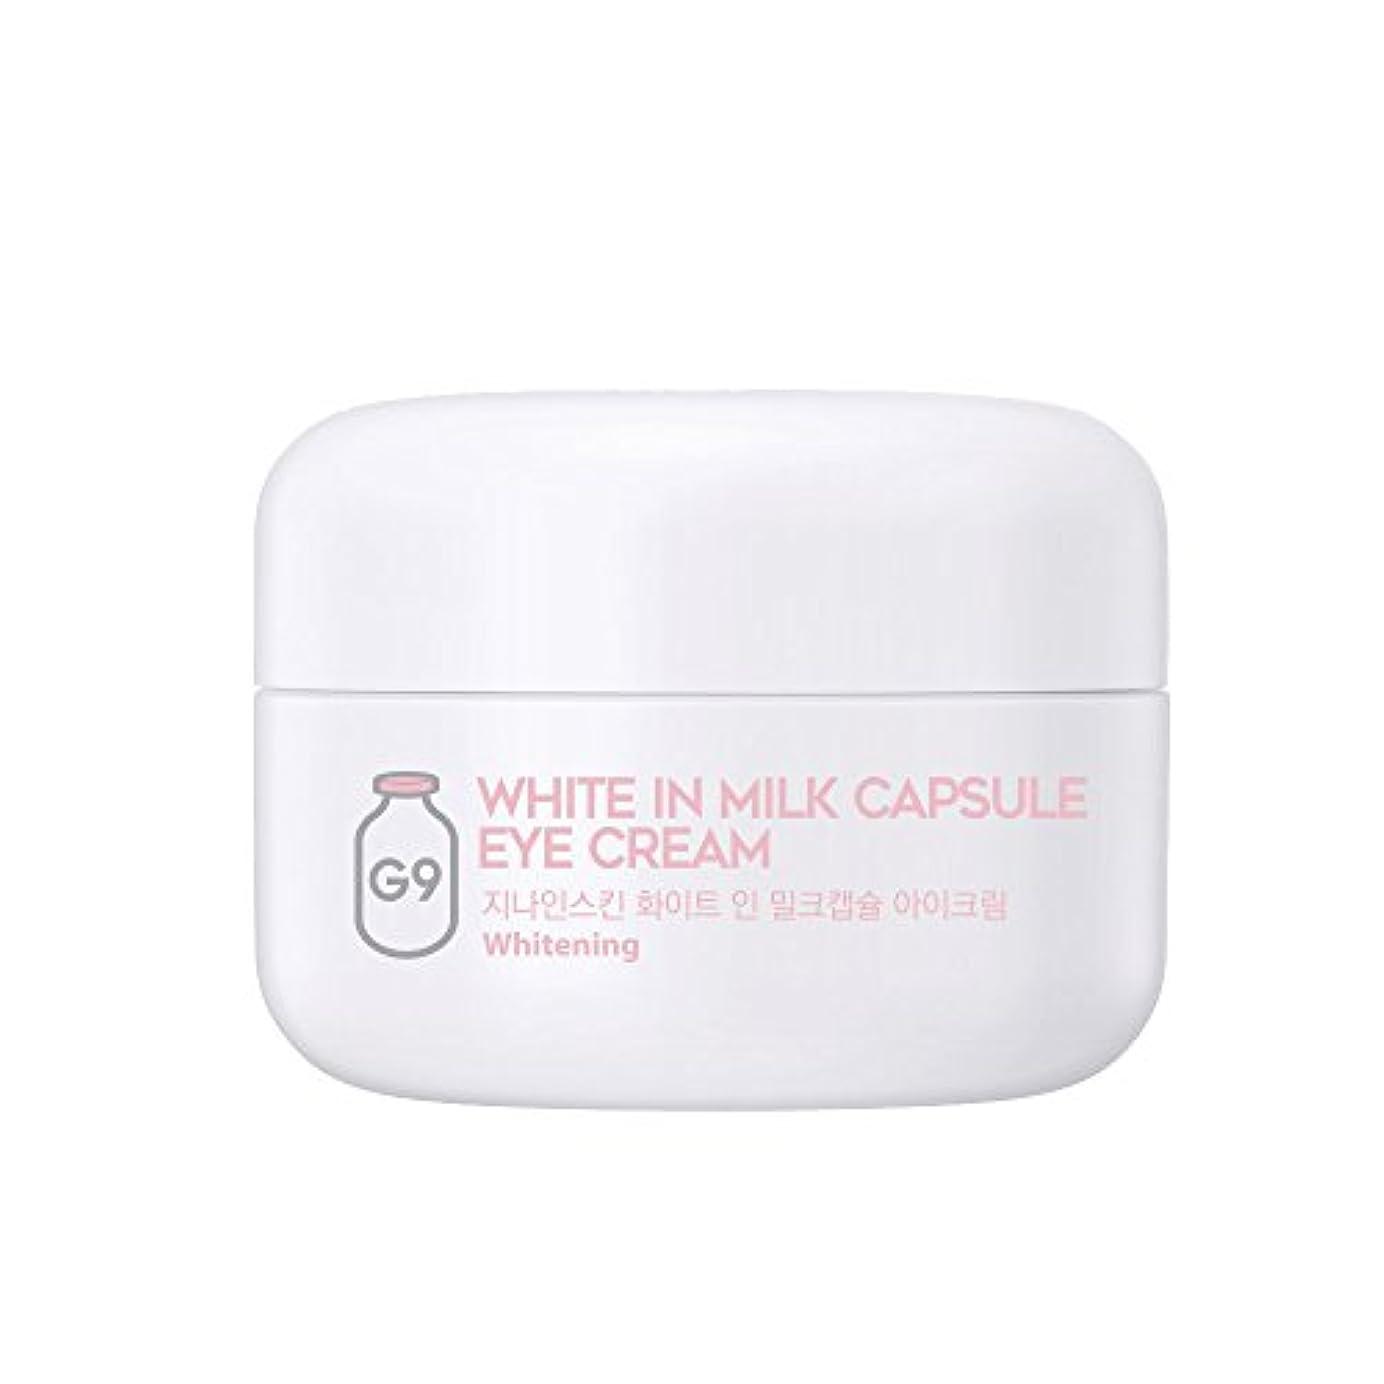 わずかにブーム結婚G9SKIN(ベリサム) White In Milk Capsule Eye Cream ホワイトインミルクカプセルアイクリーム 30g